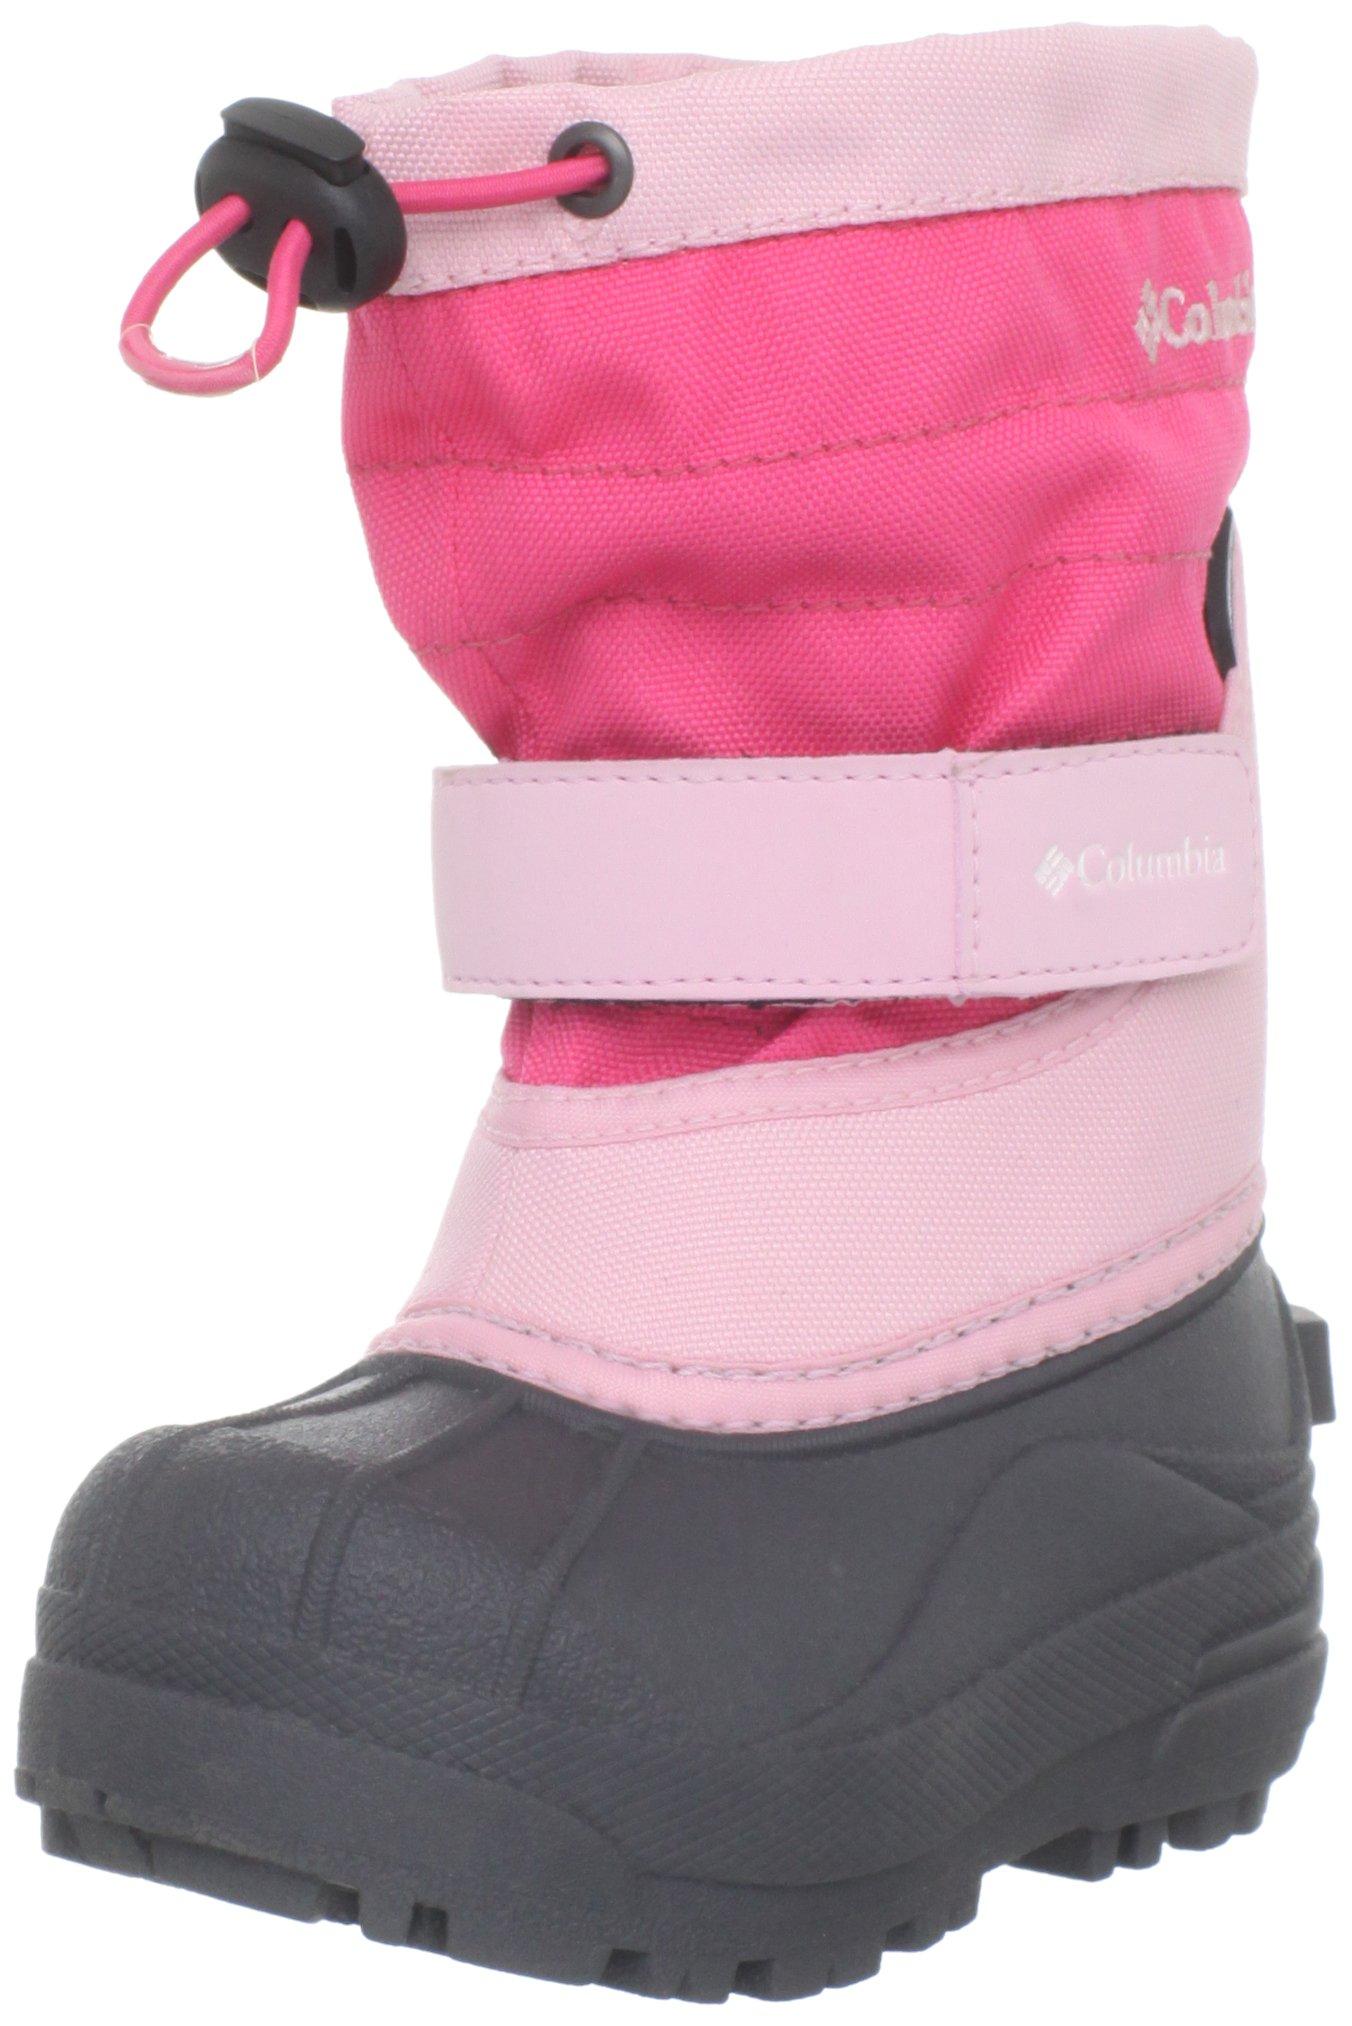 Columbia Toddler Powderbug Plus II Waterproof Winter Boot,Satin Pink/Afterglow,5 M US Toddler